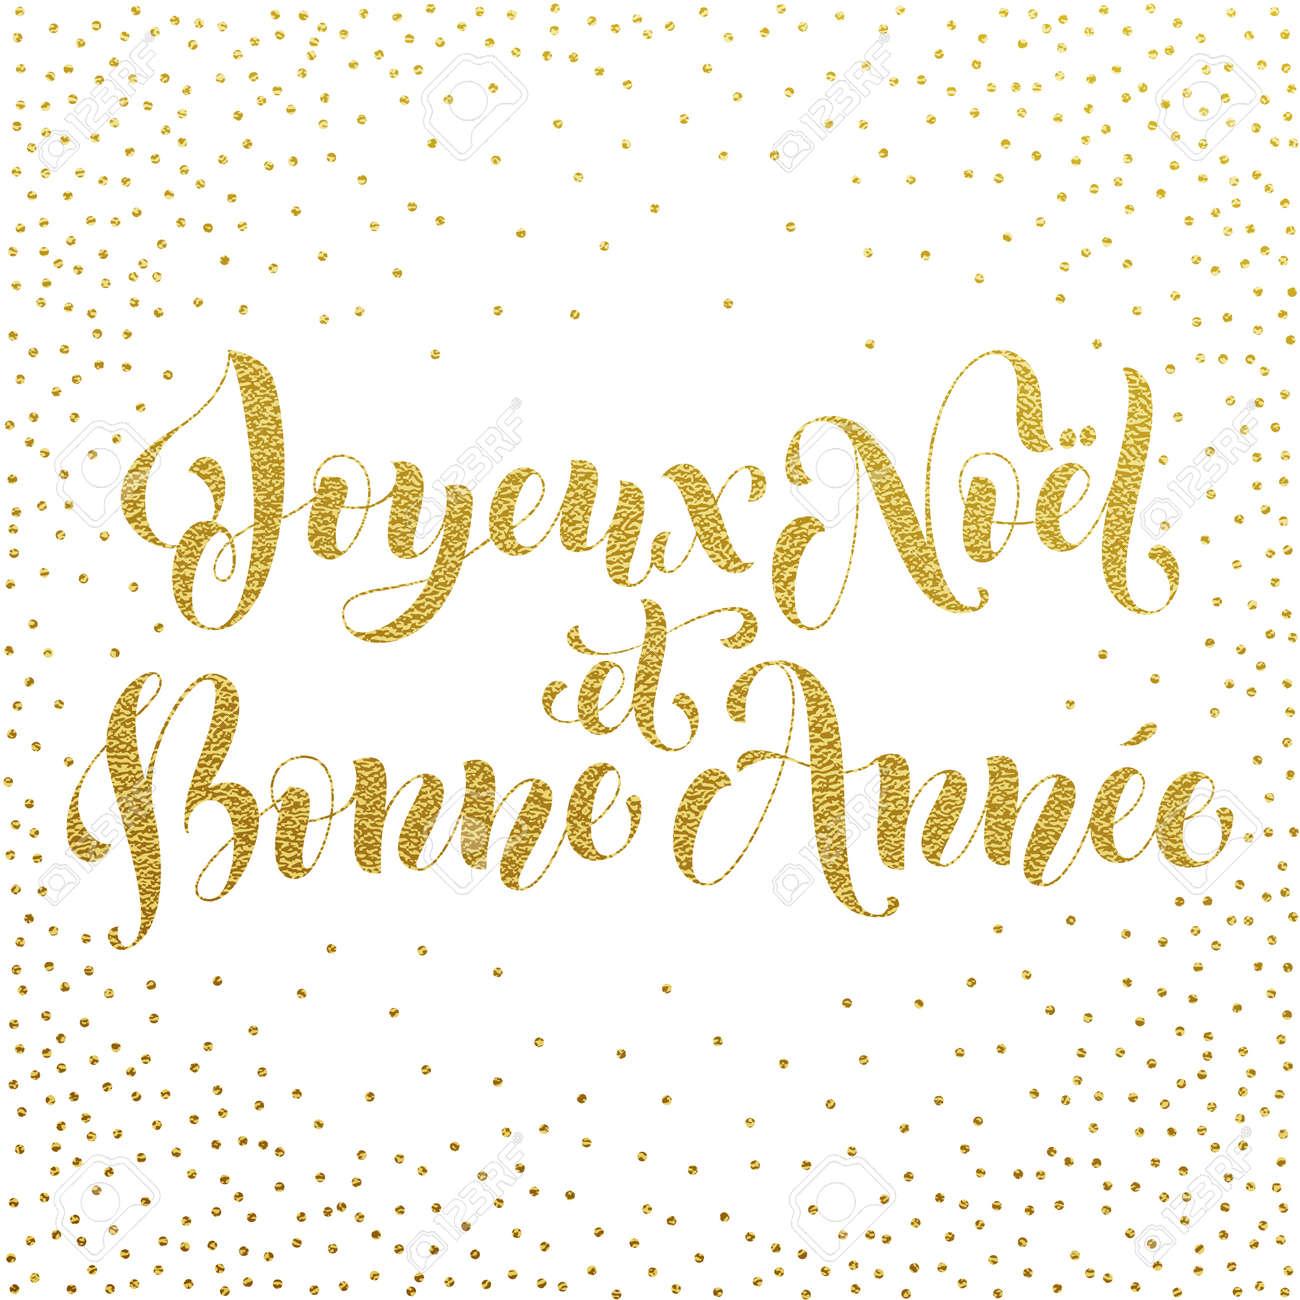 Bonne Annee Joyeux Noel.Joyeux Noel Bonne Annee Greeting For French Merry Christmas